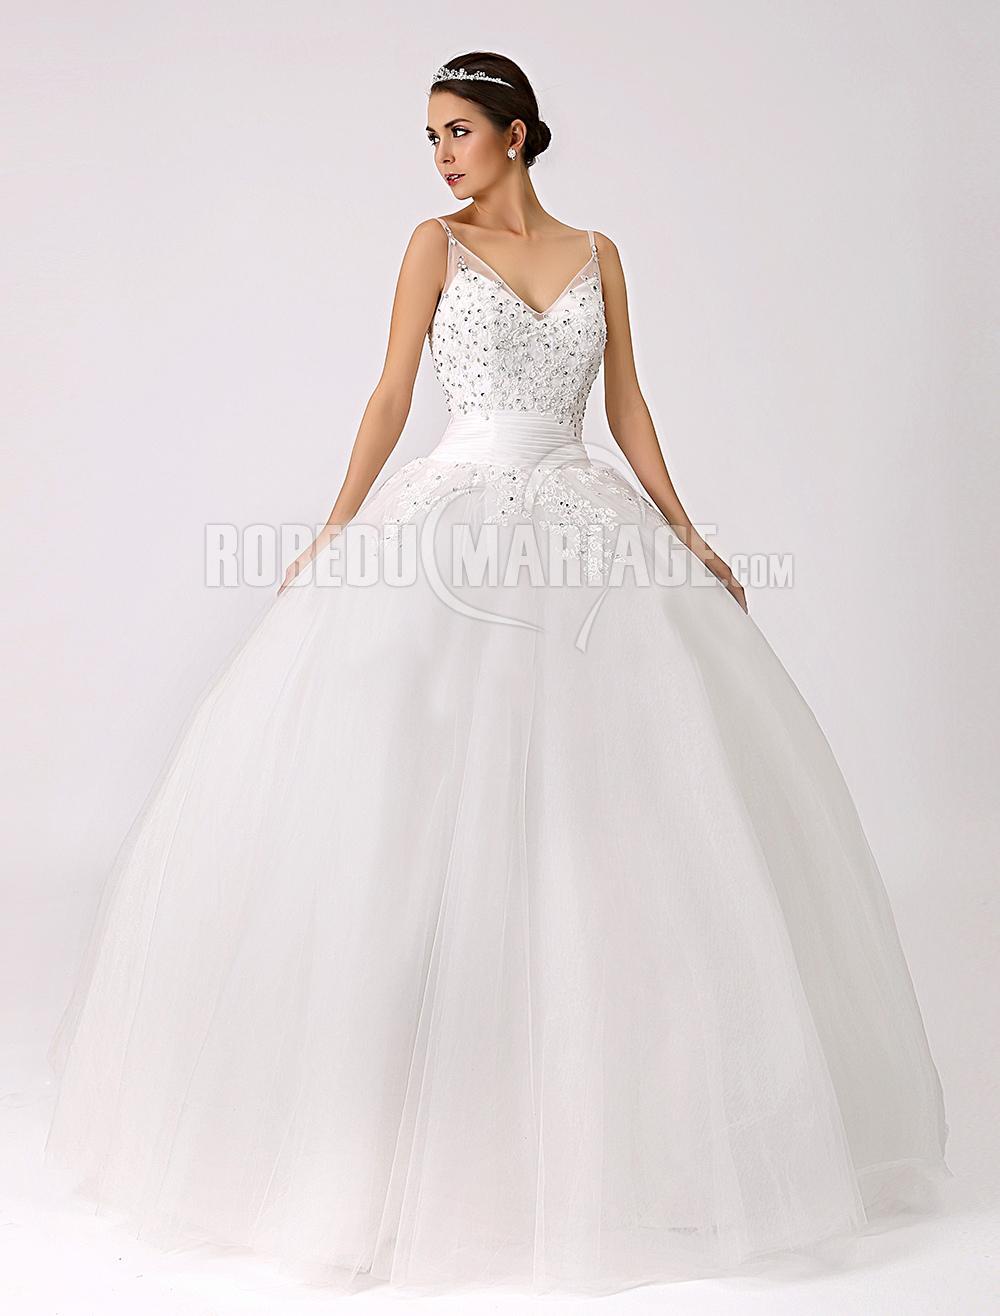 ... Robe de mariée romantique > Robe de mariée romantique paillette